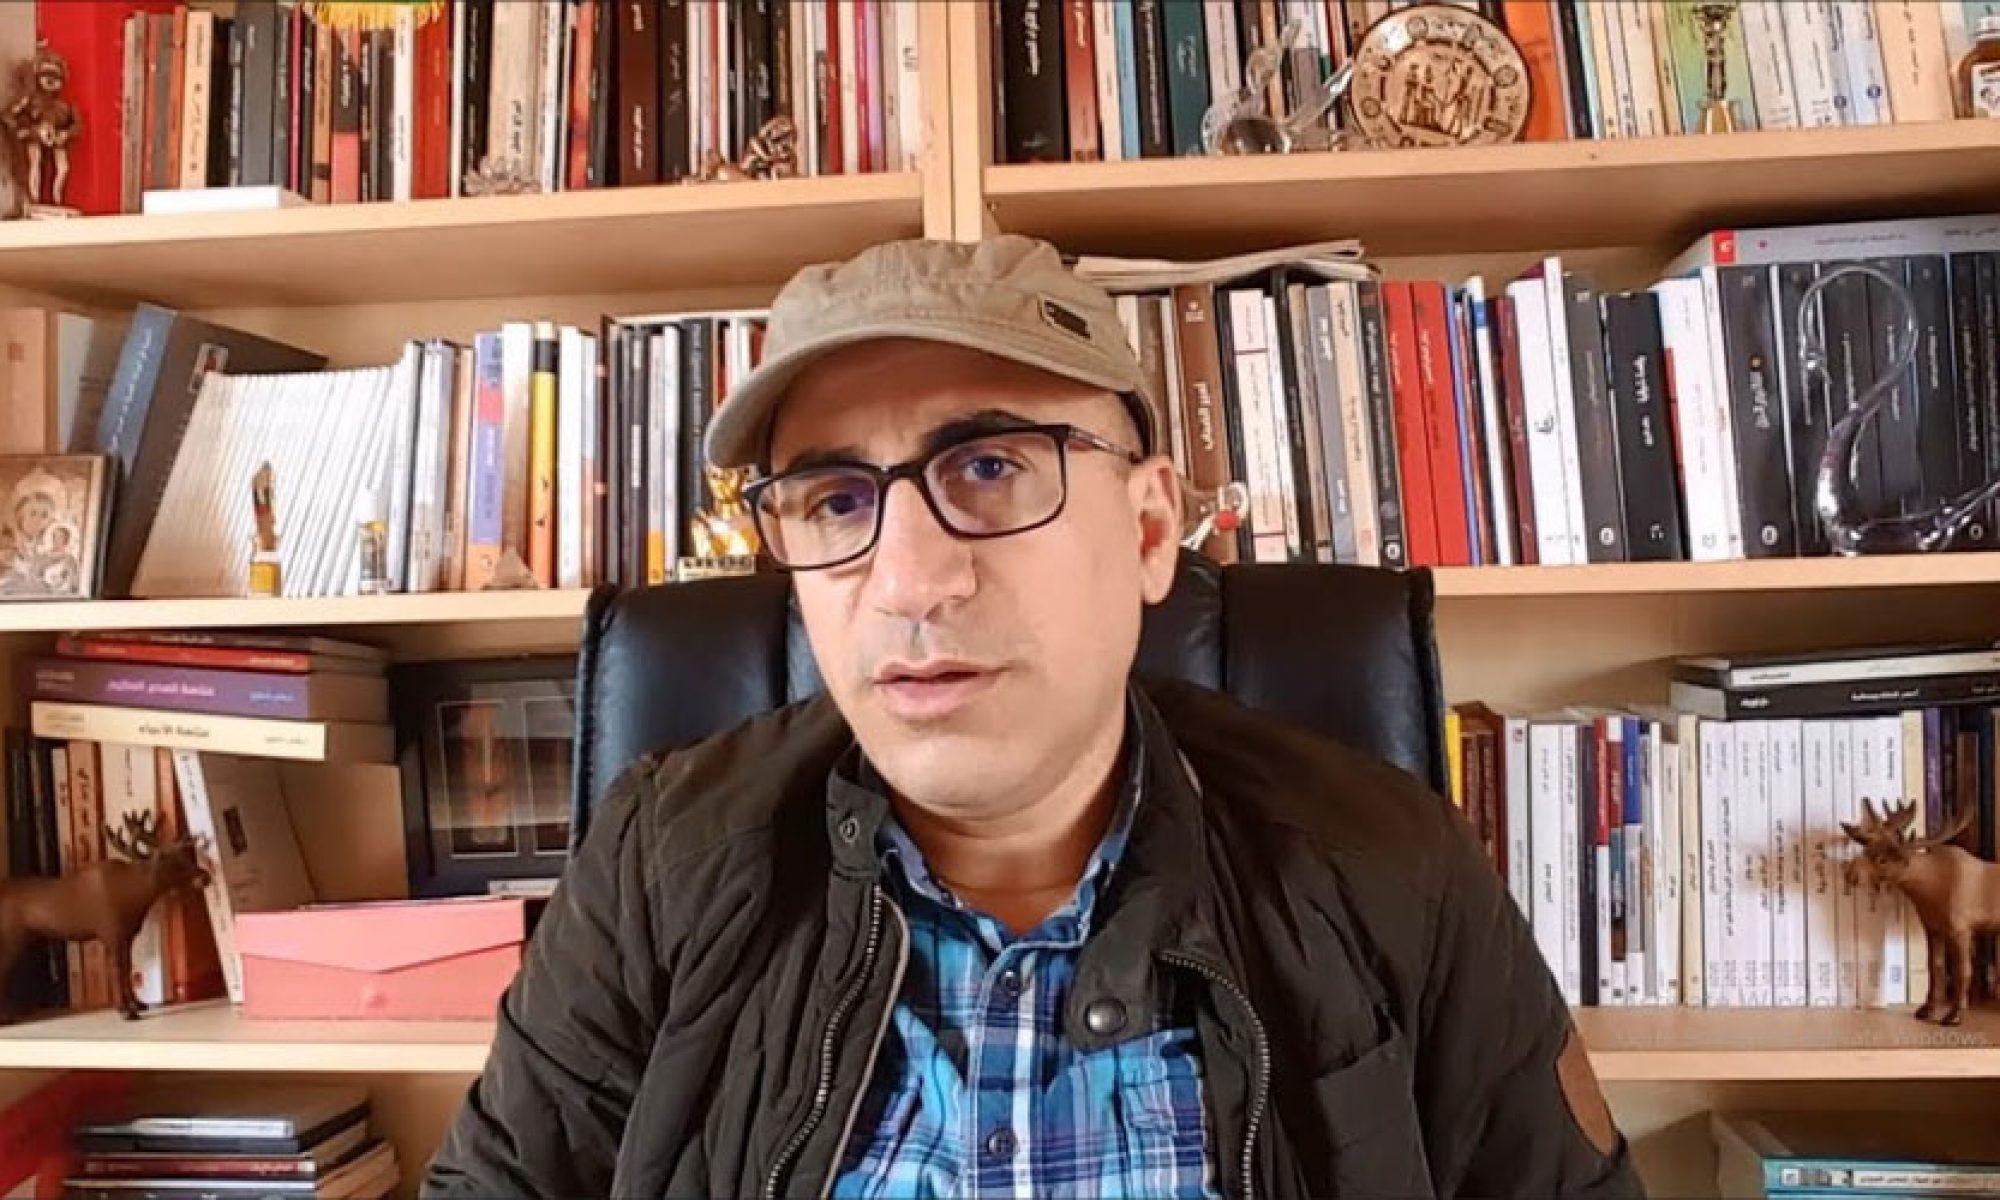 """Hoşeng Osê: """"Sayın Beşikçi, maalesef sana saldıran, Apocu cahillere yeterli cevabı veremiyorum, sizden af diliyorum,"""